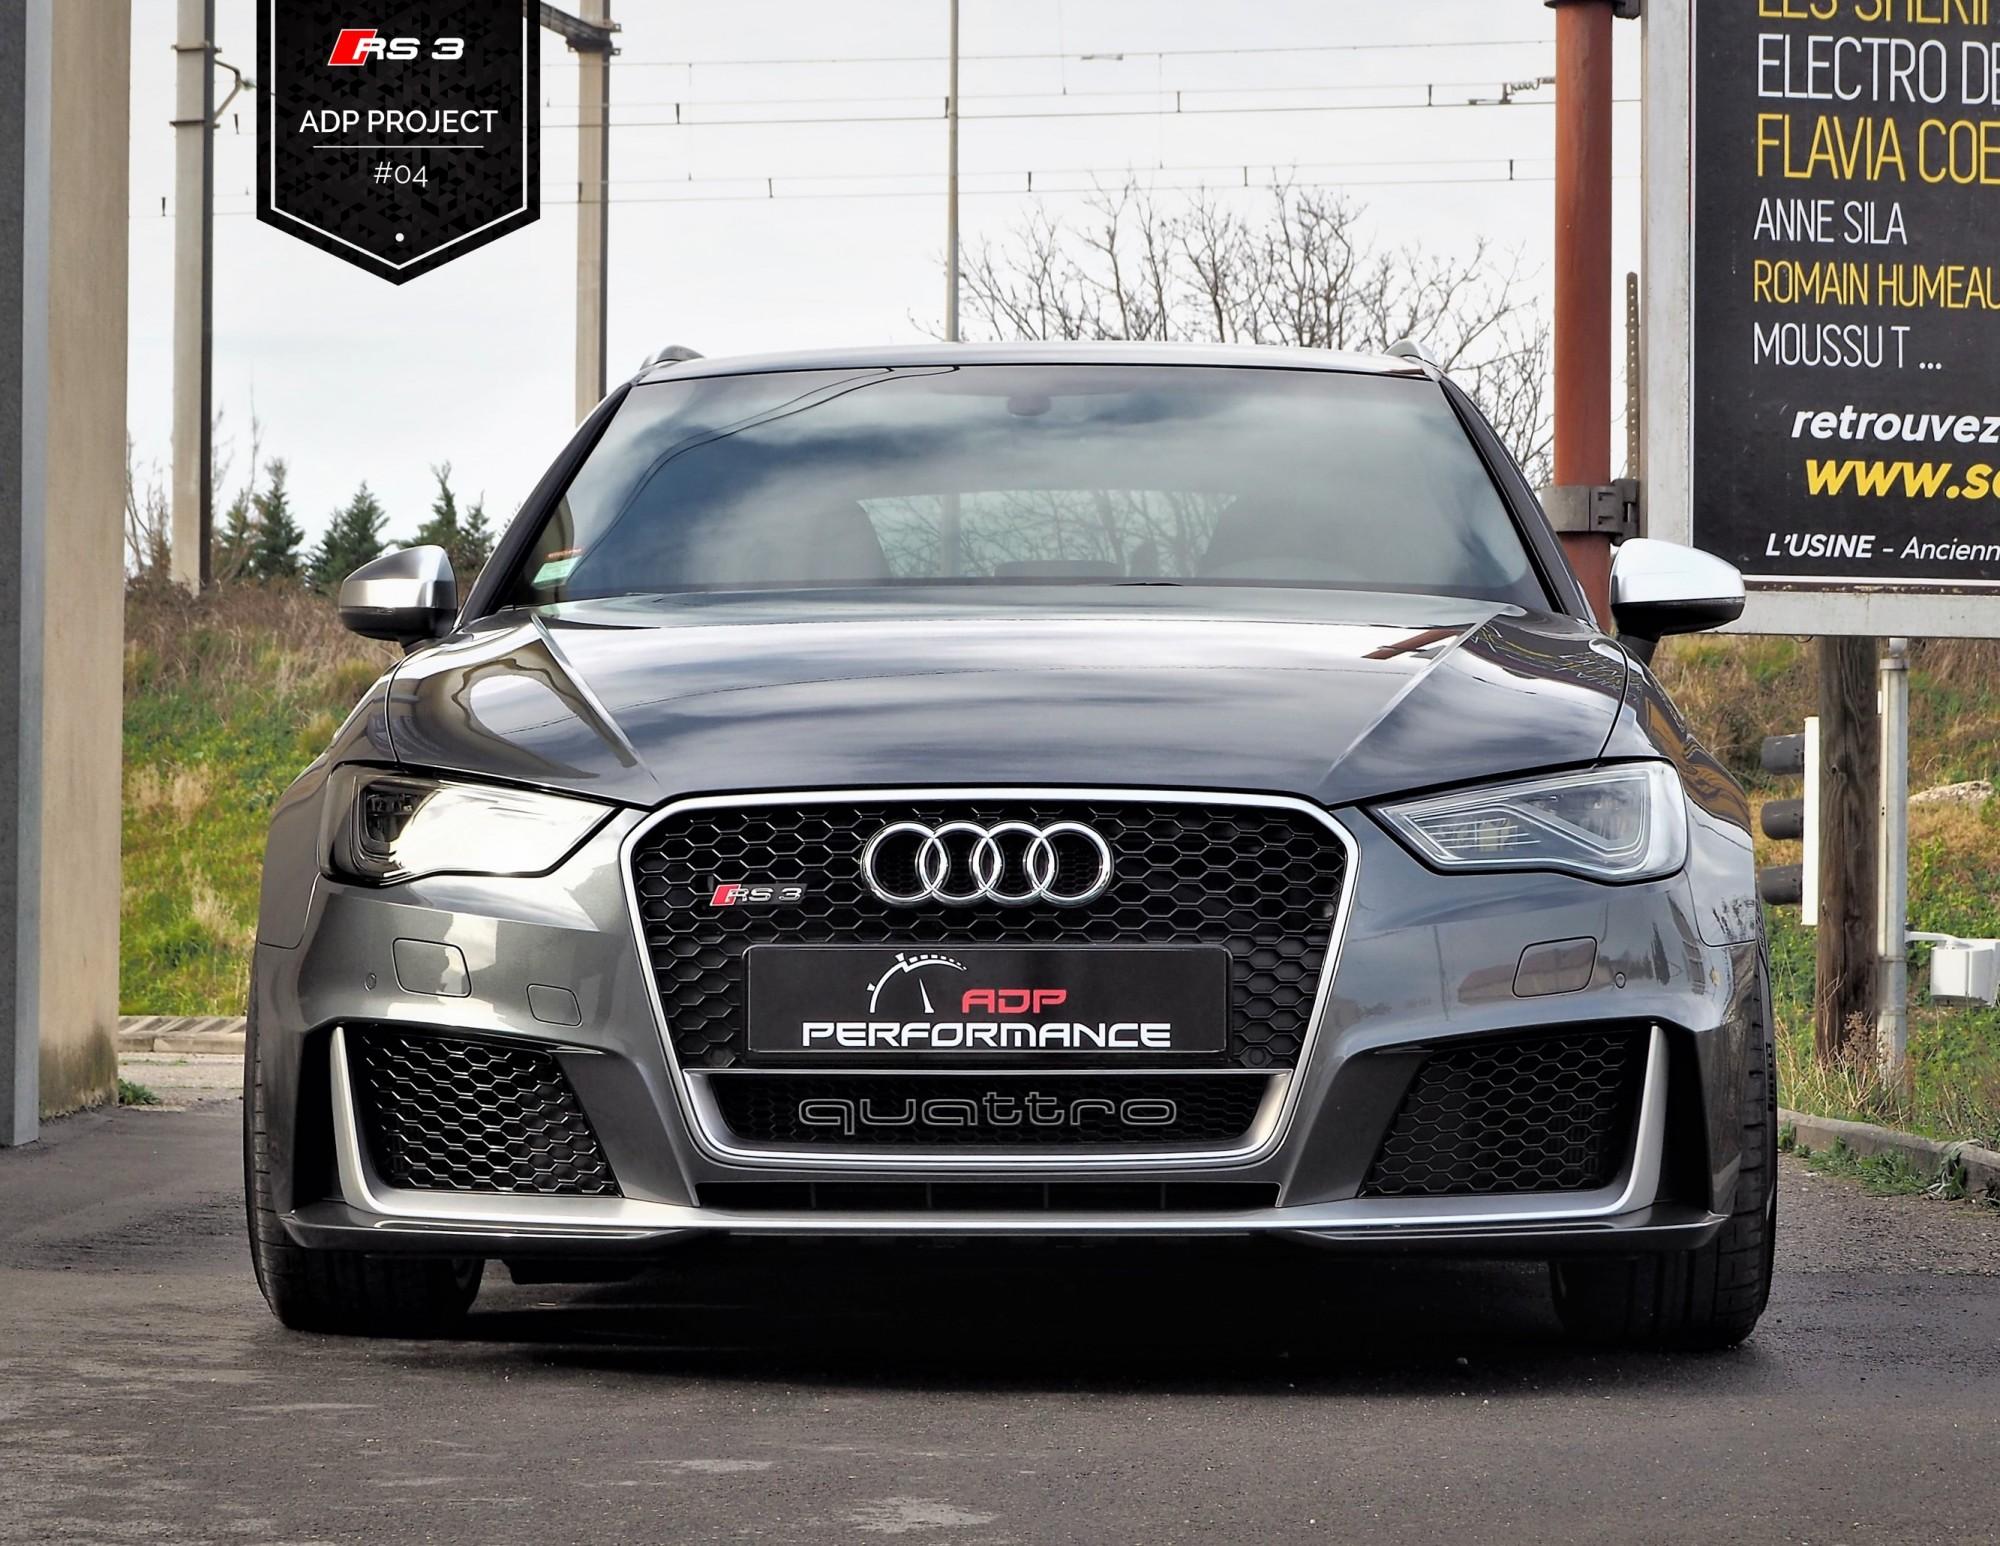 Elargisseurs de voie Eibach Avignon - Audi RS3 8V ADP Performance